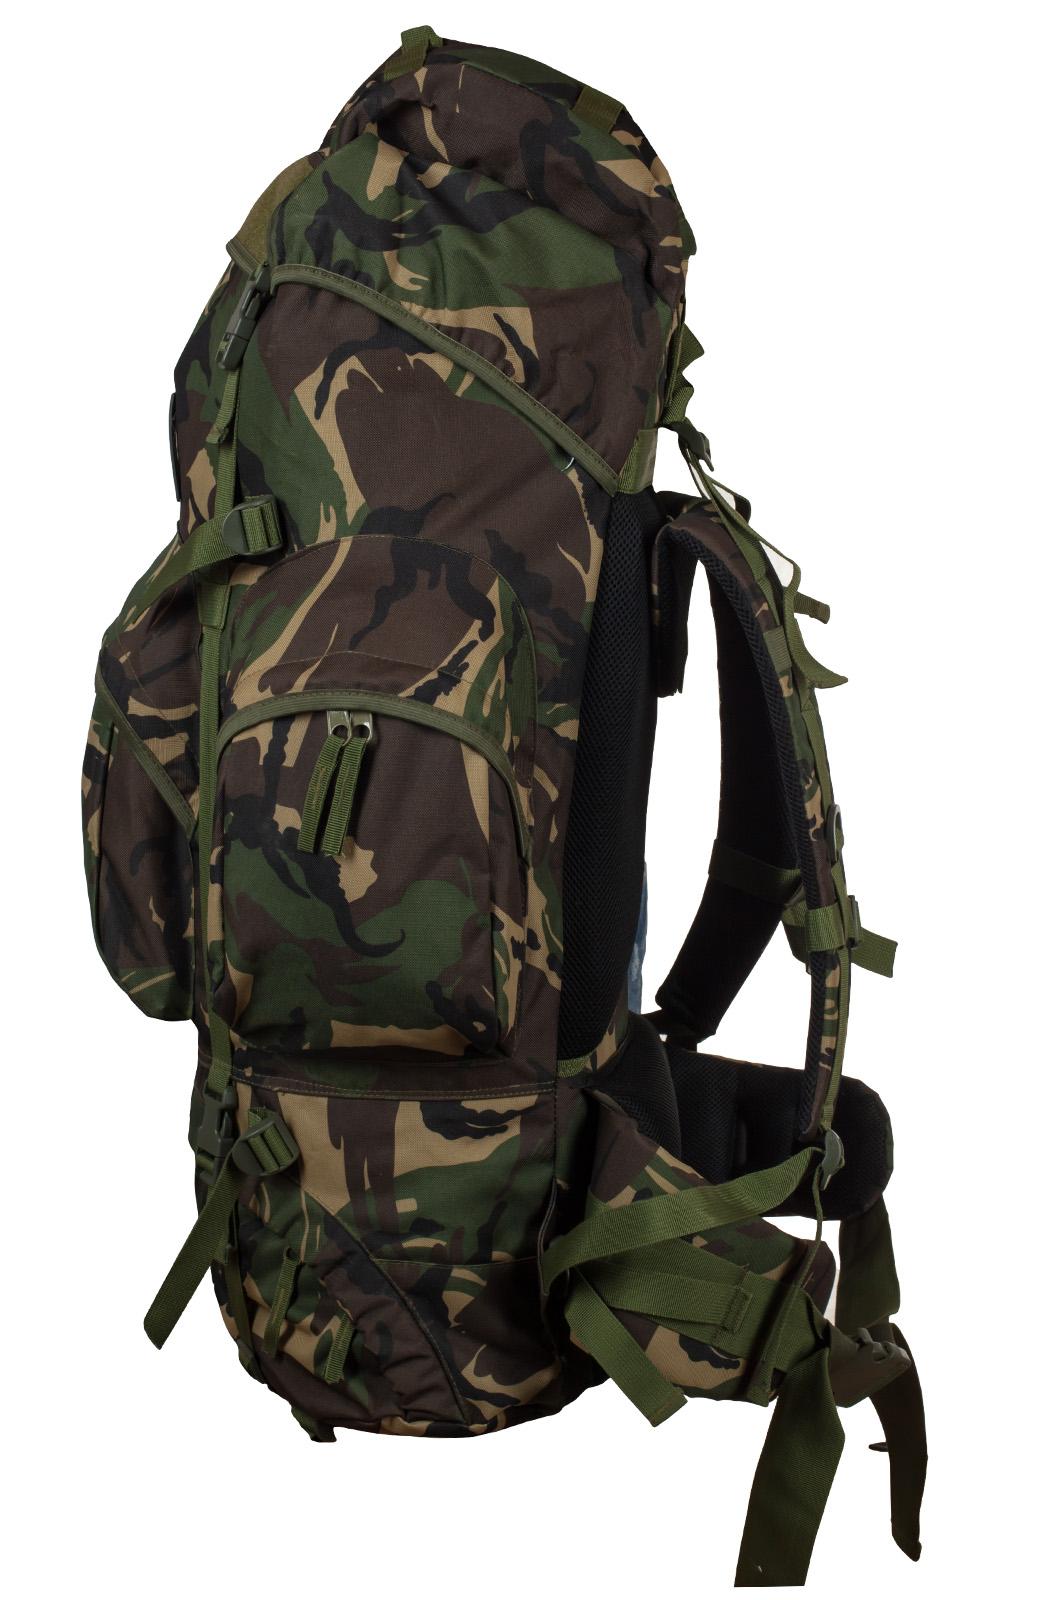 Большой тактический рюкзак с нашивкой Охотничий спецназ купить оптом